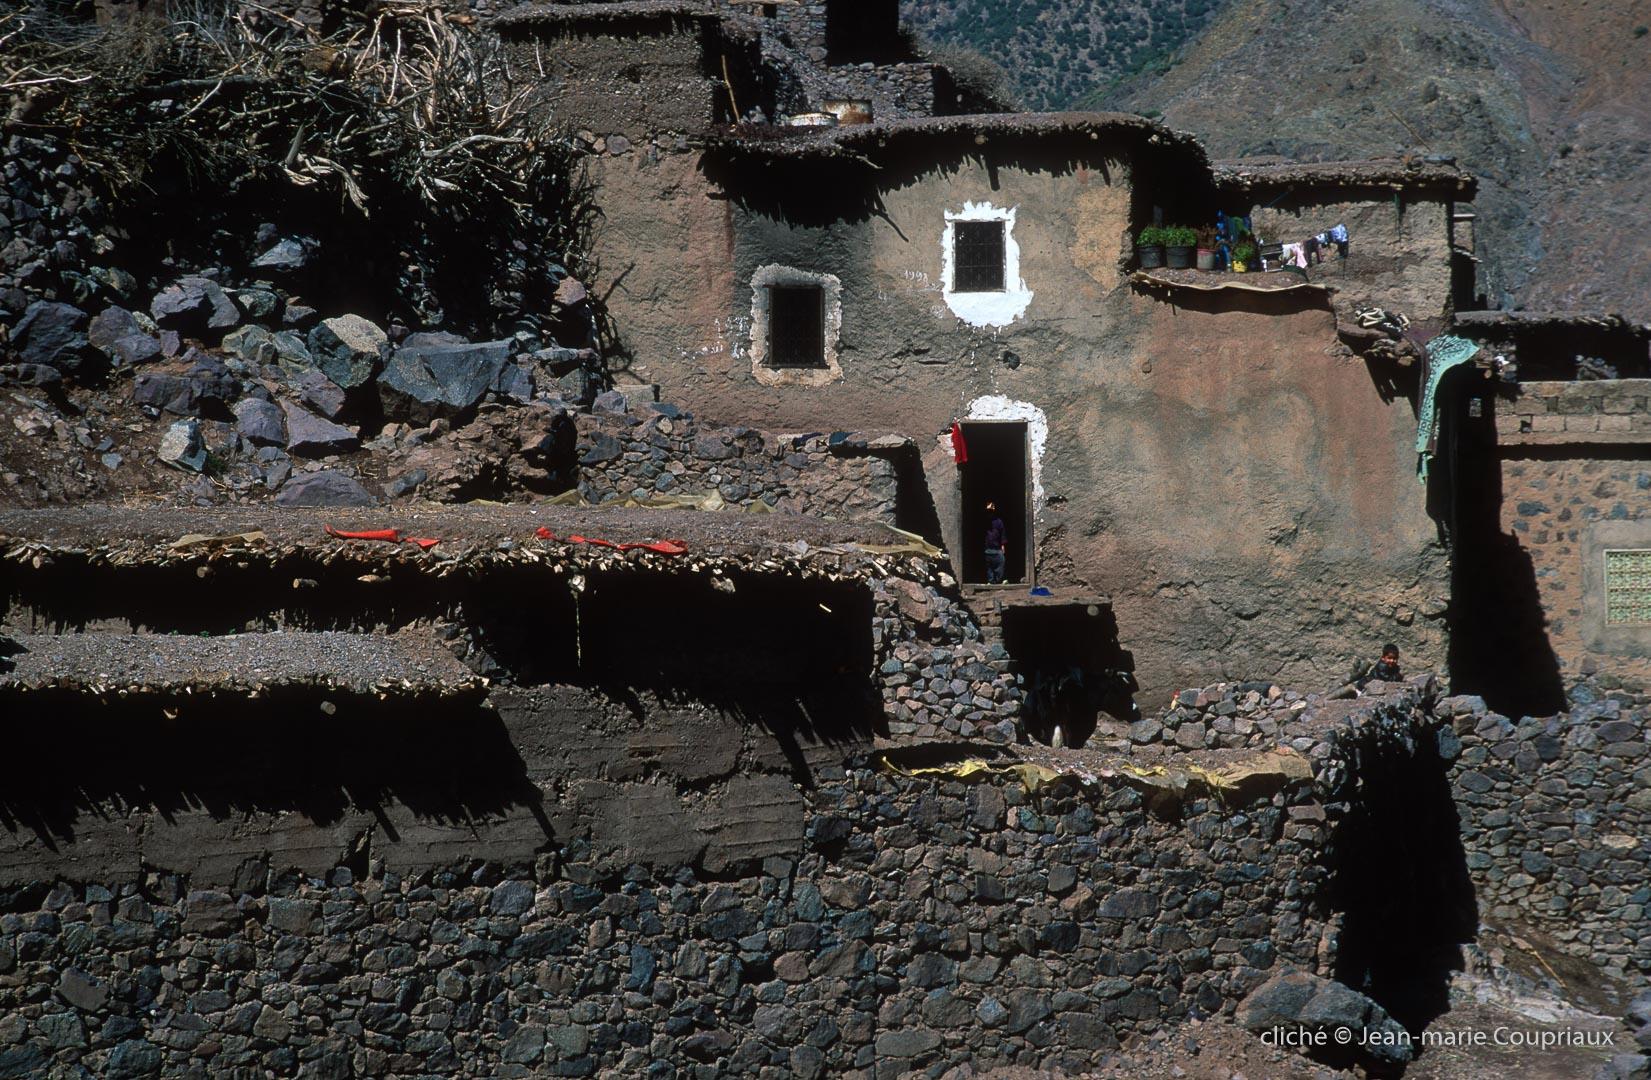 1998-99_Toubkal-126